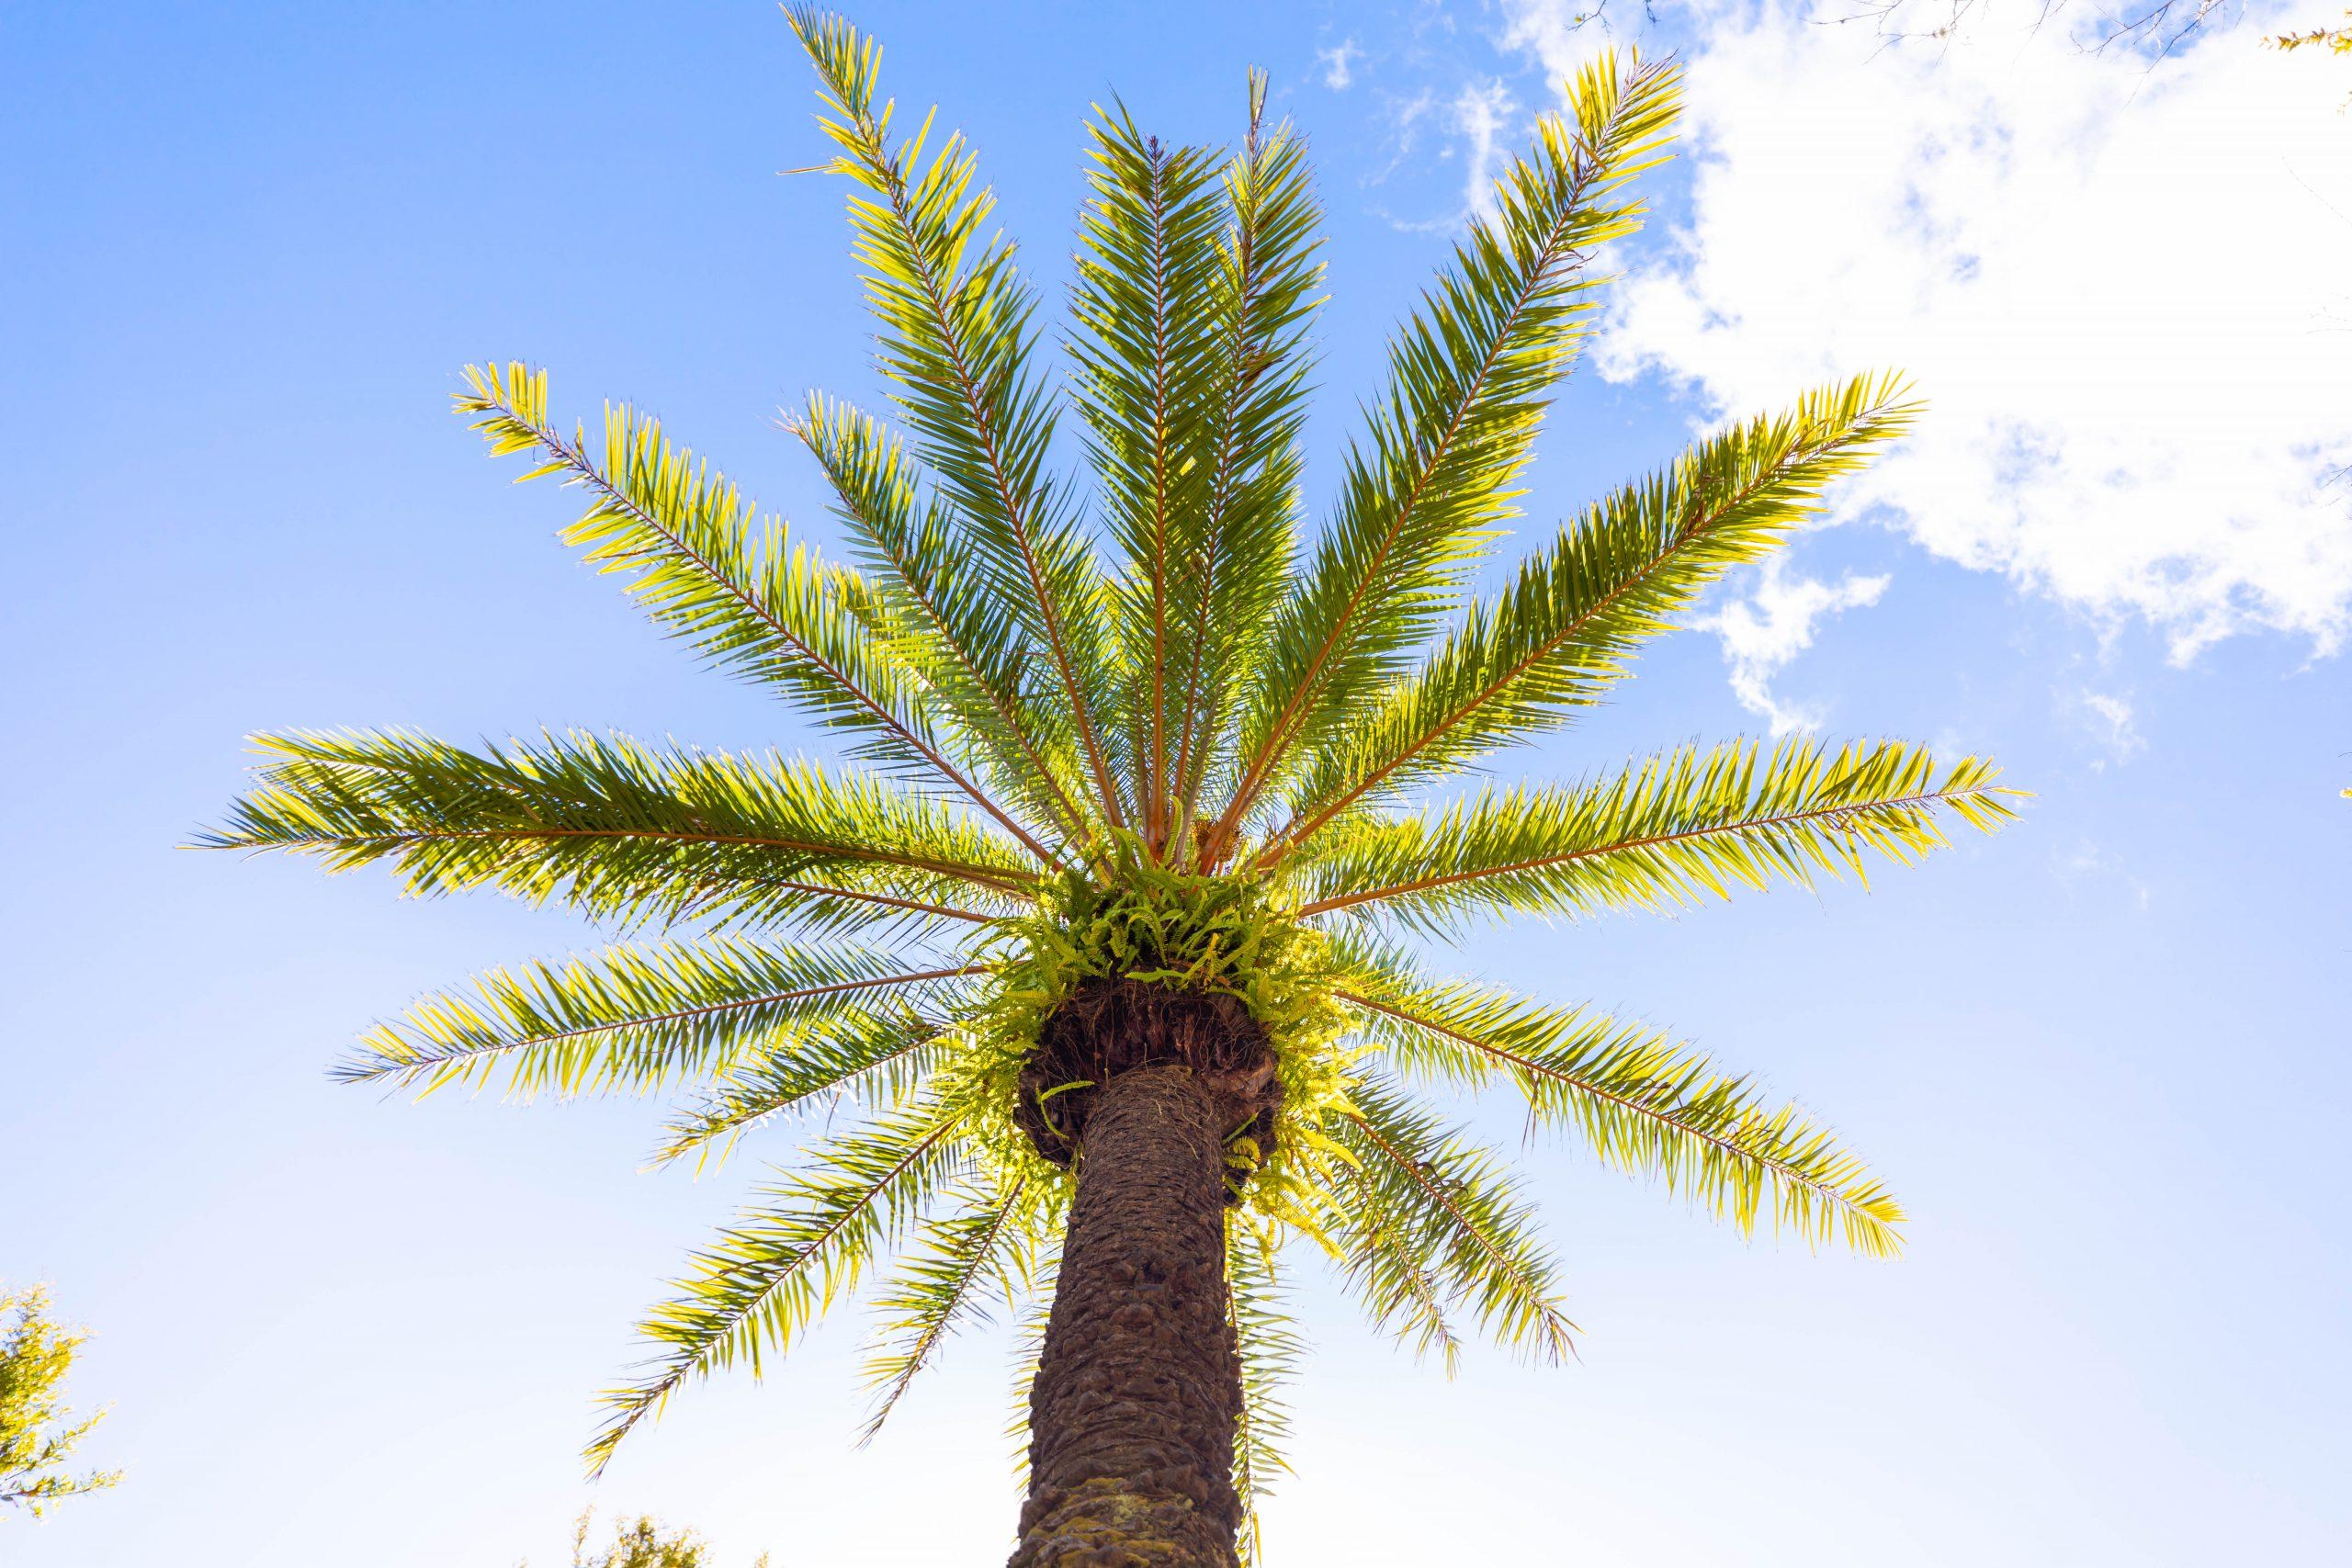 Orlando, Florida Luxury Travel Guide by Annie Fairfax